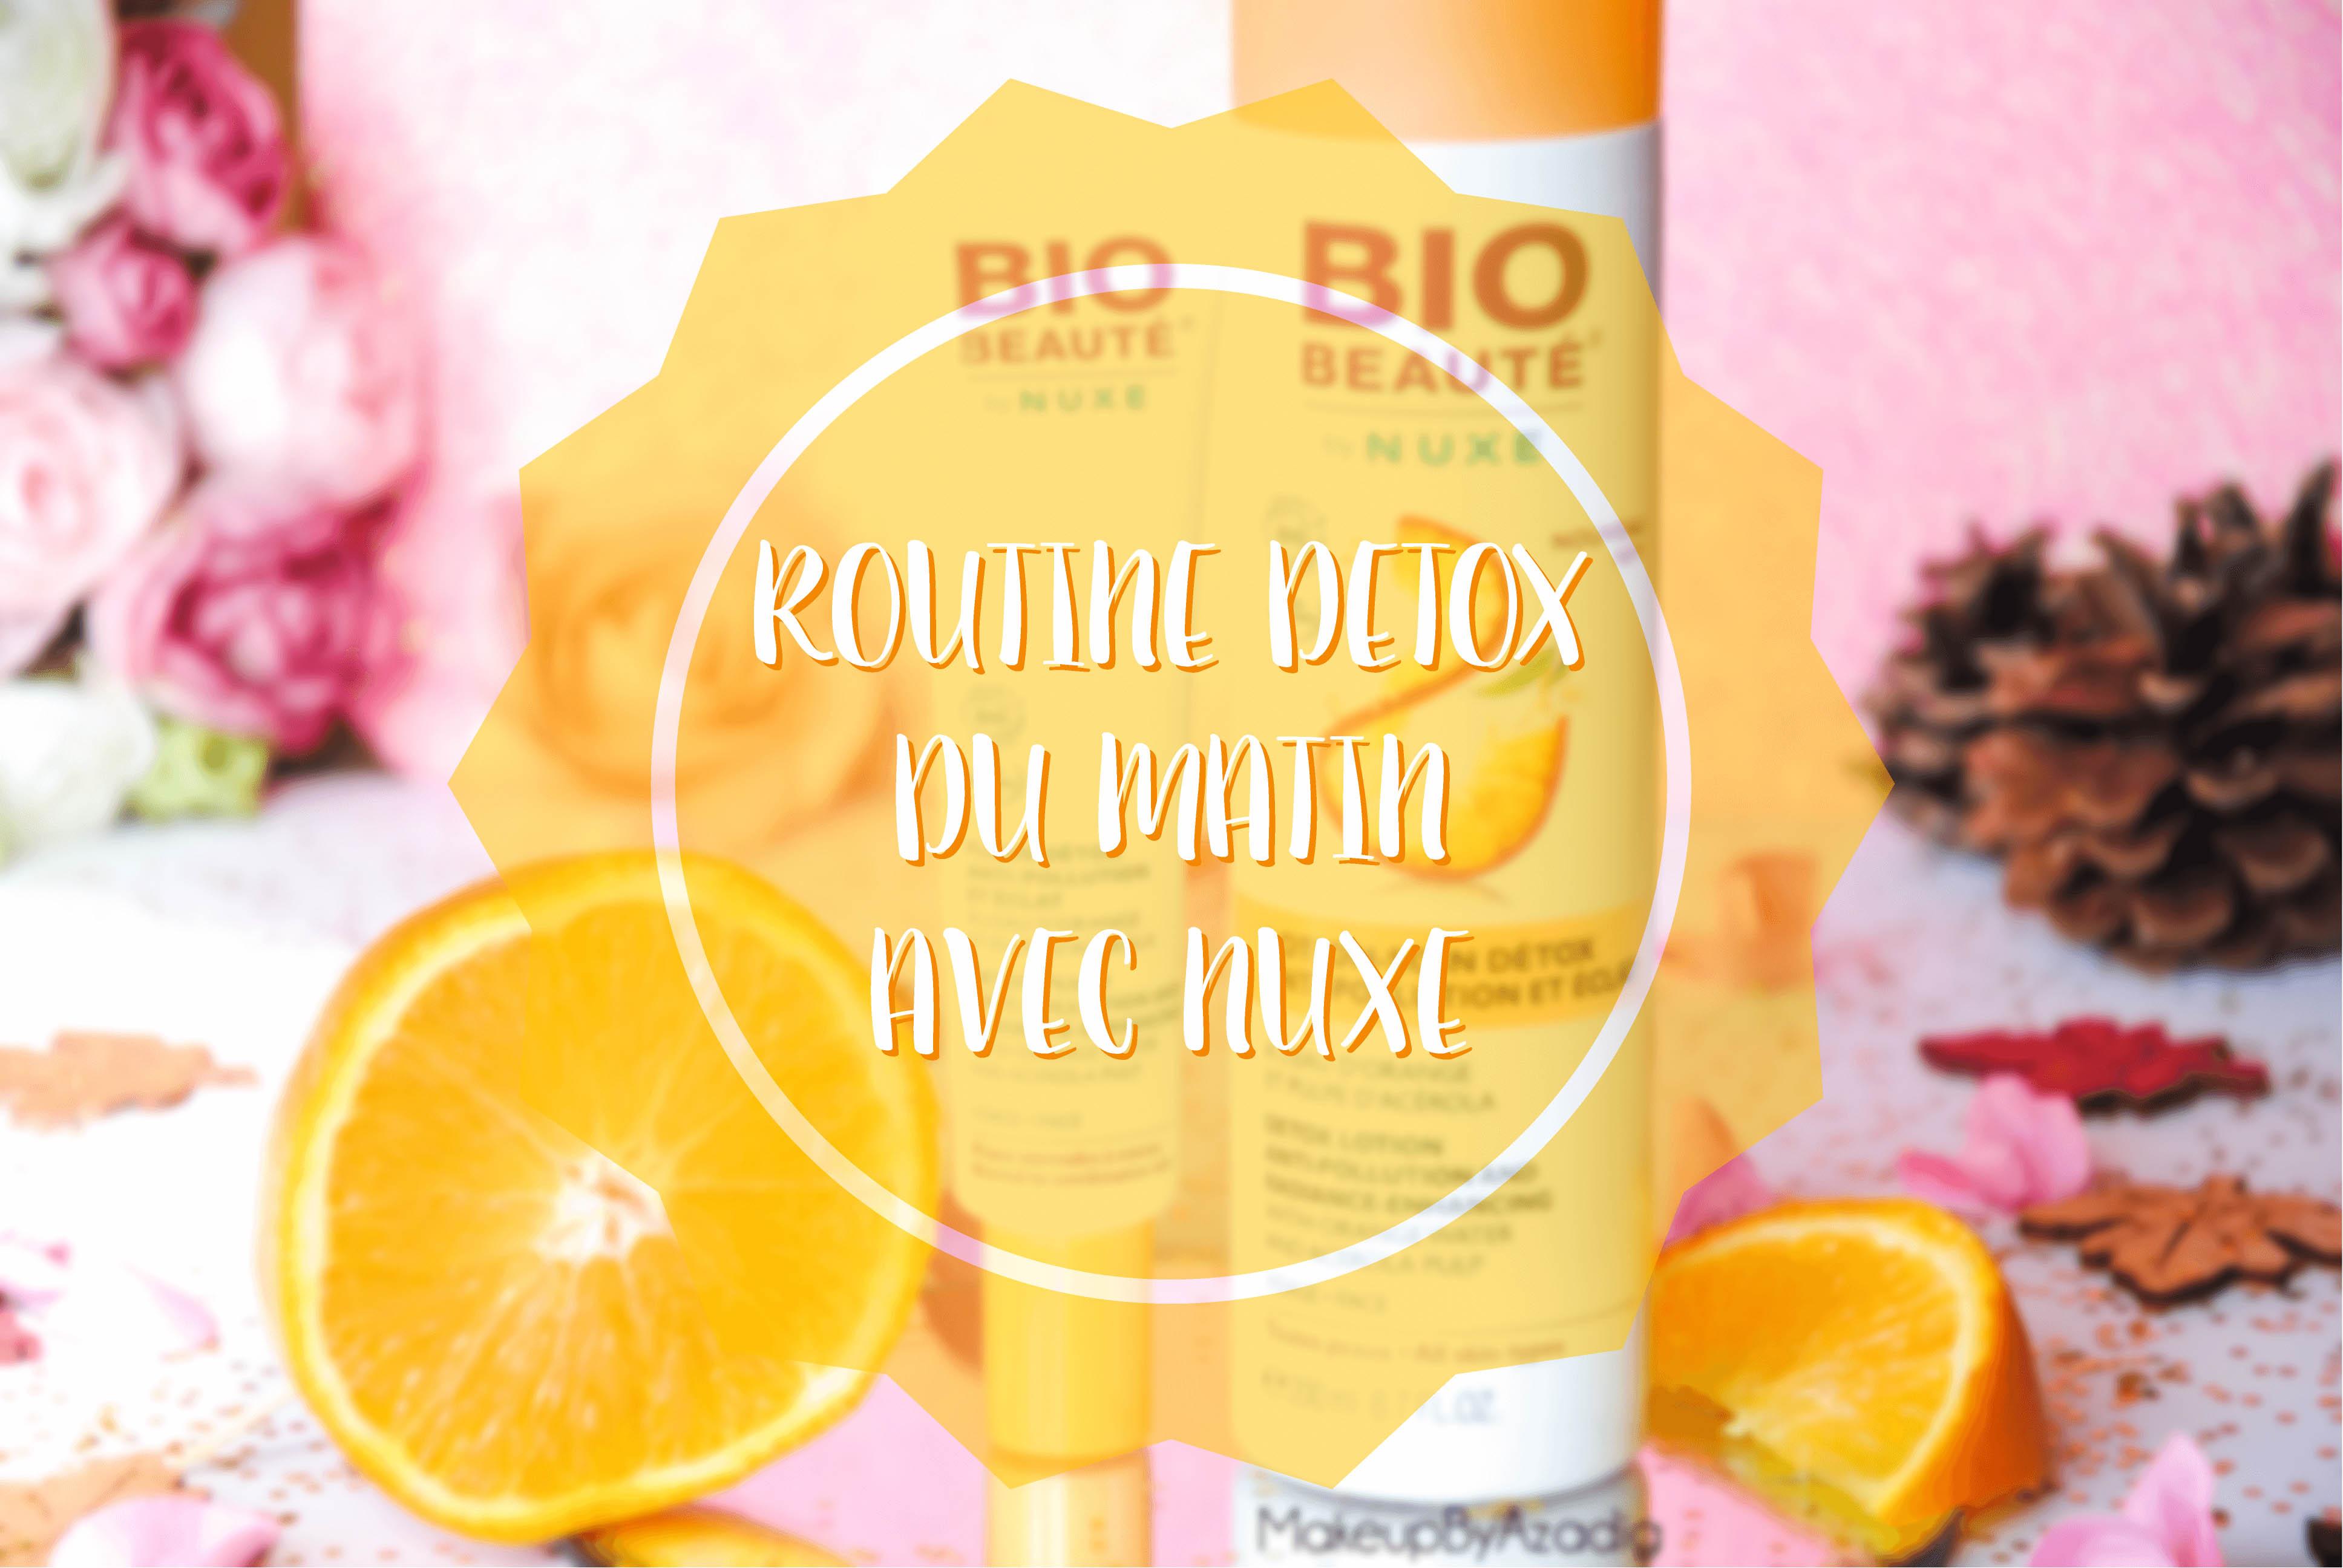 bio-beaute-nuxe-lotion-fluide-creme-contour-des-yeux-masque-orange-acerola-doctipharma-routine-du-matin-detox-eclat-soin-troyes-paris-makeupbyazadig-blog-revue-review-anti-pollution-miniature